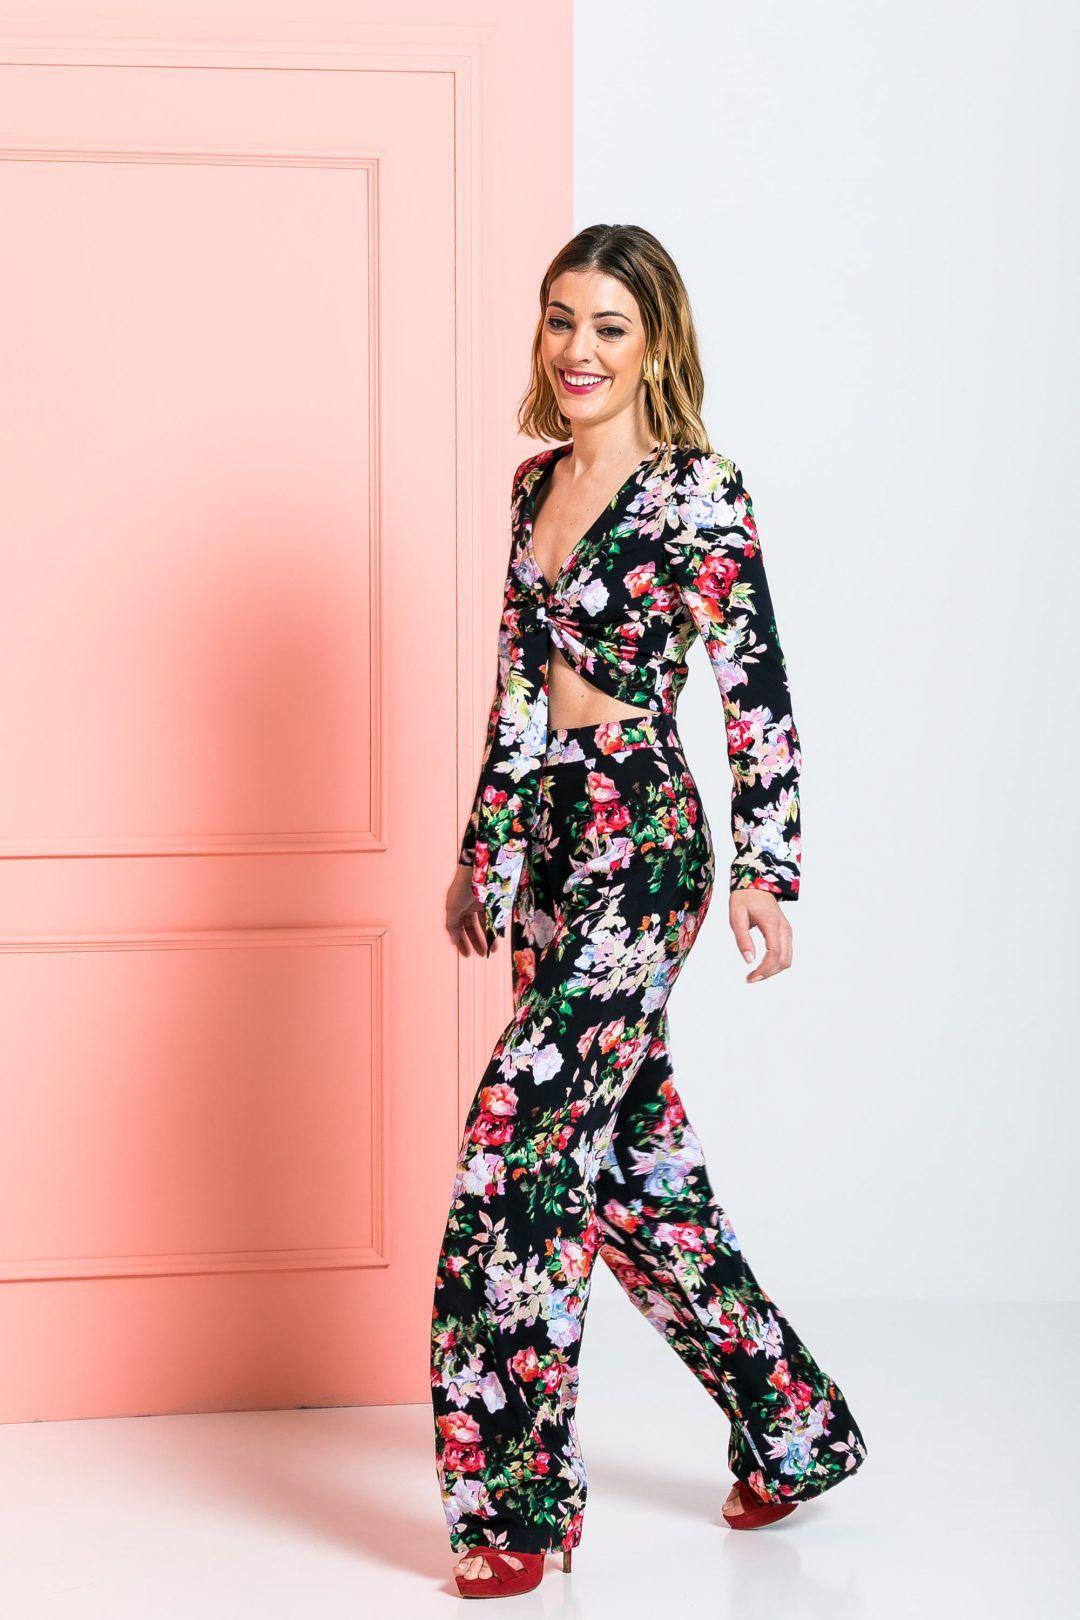 Conjunto pantalón palazzo y camisa | Pinterest | Vestidos invitada ...